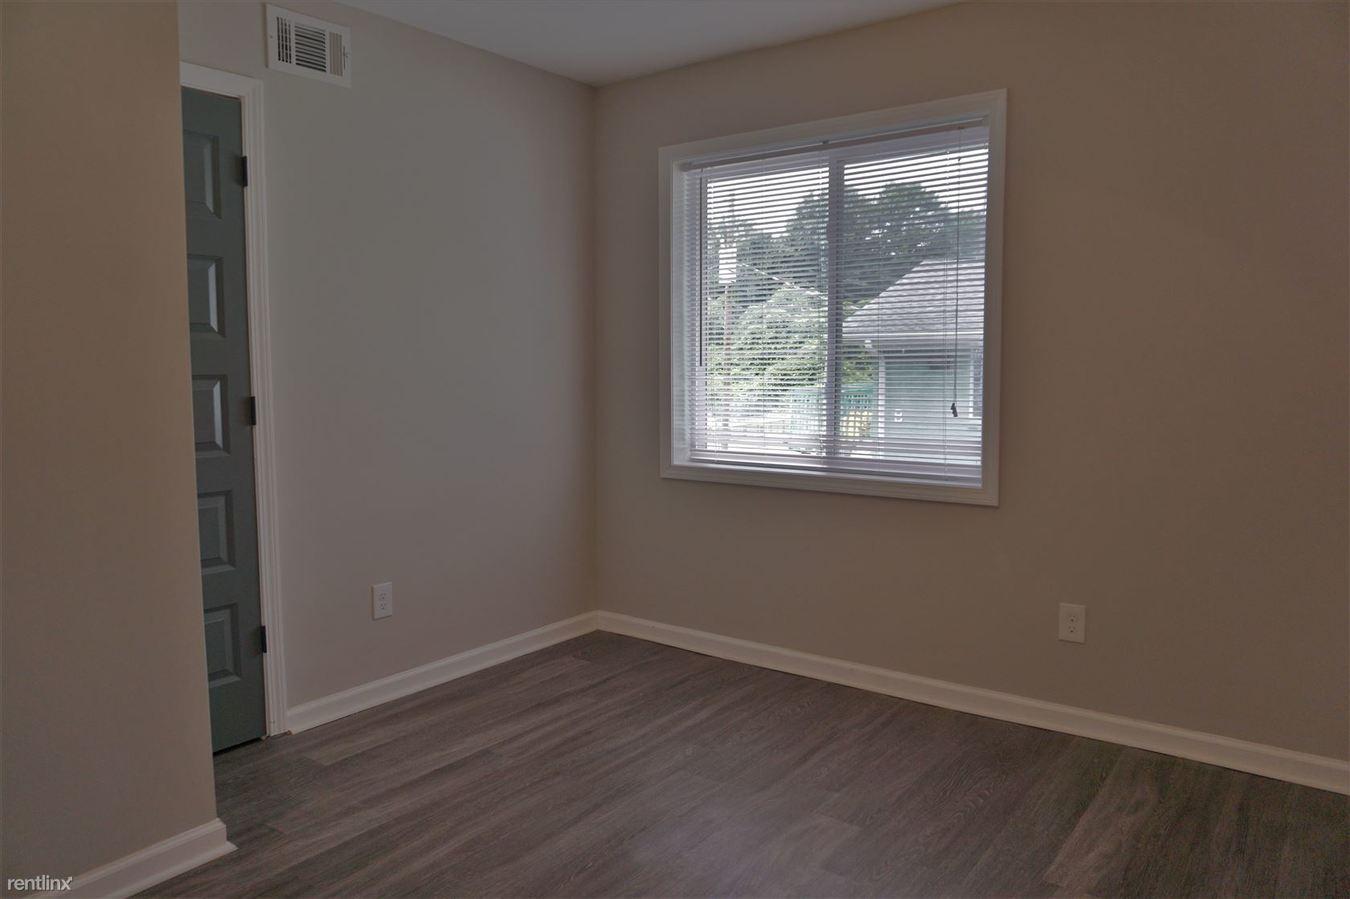 2 Bedrooms 1 Bathroom Apartment for rent at 1760 Memorial in Atlanta, GA